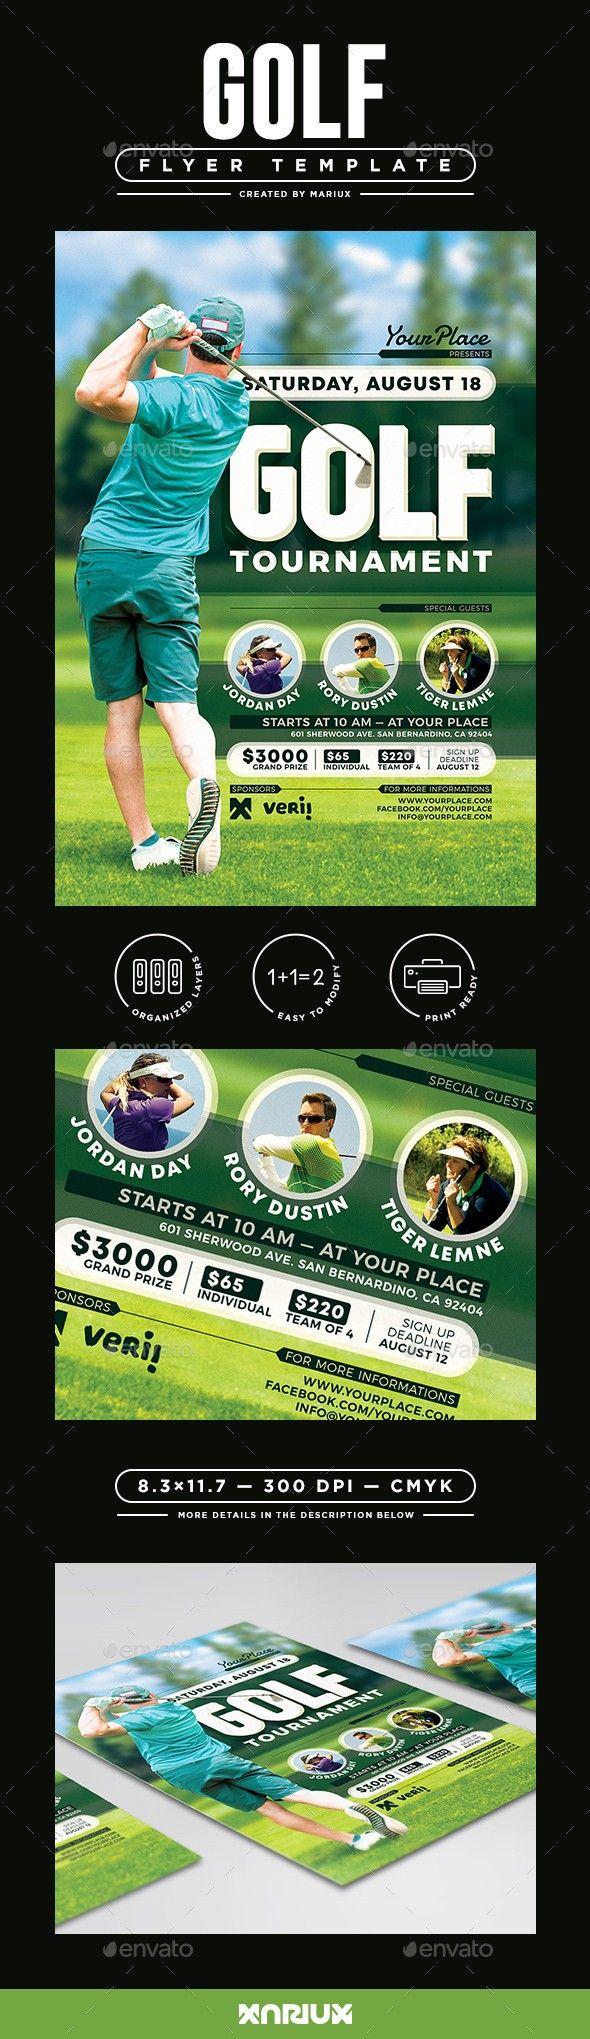 19++ Annual august golf tournaments ideas